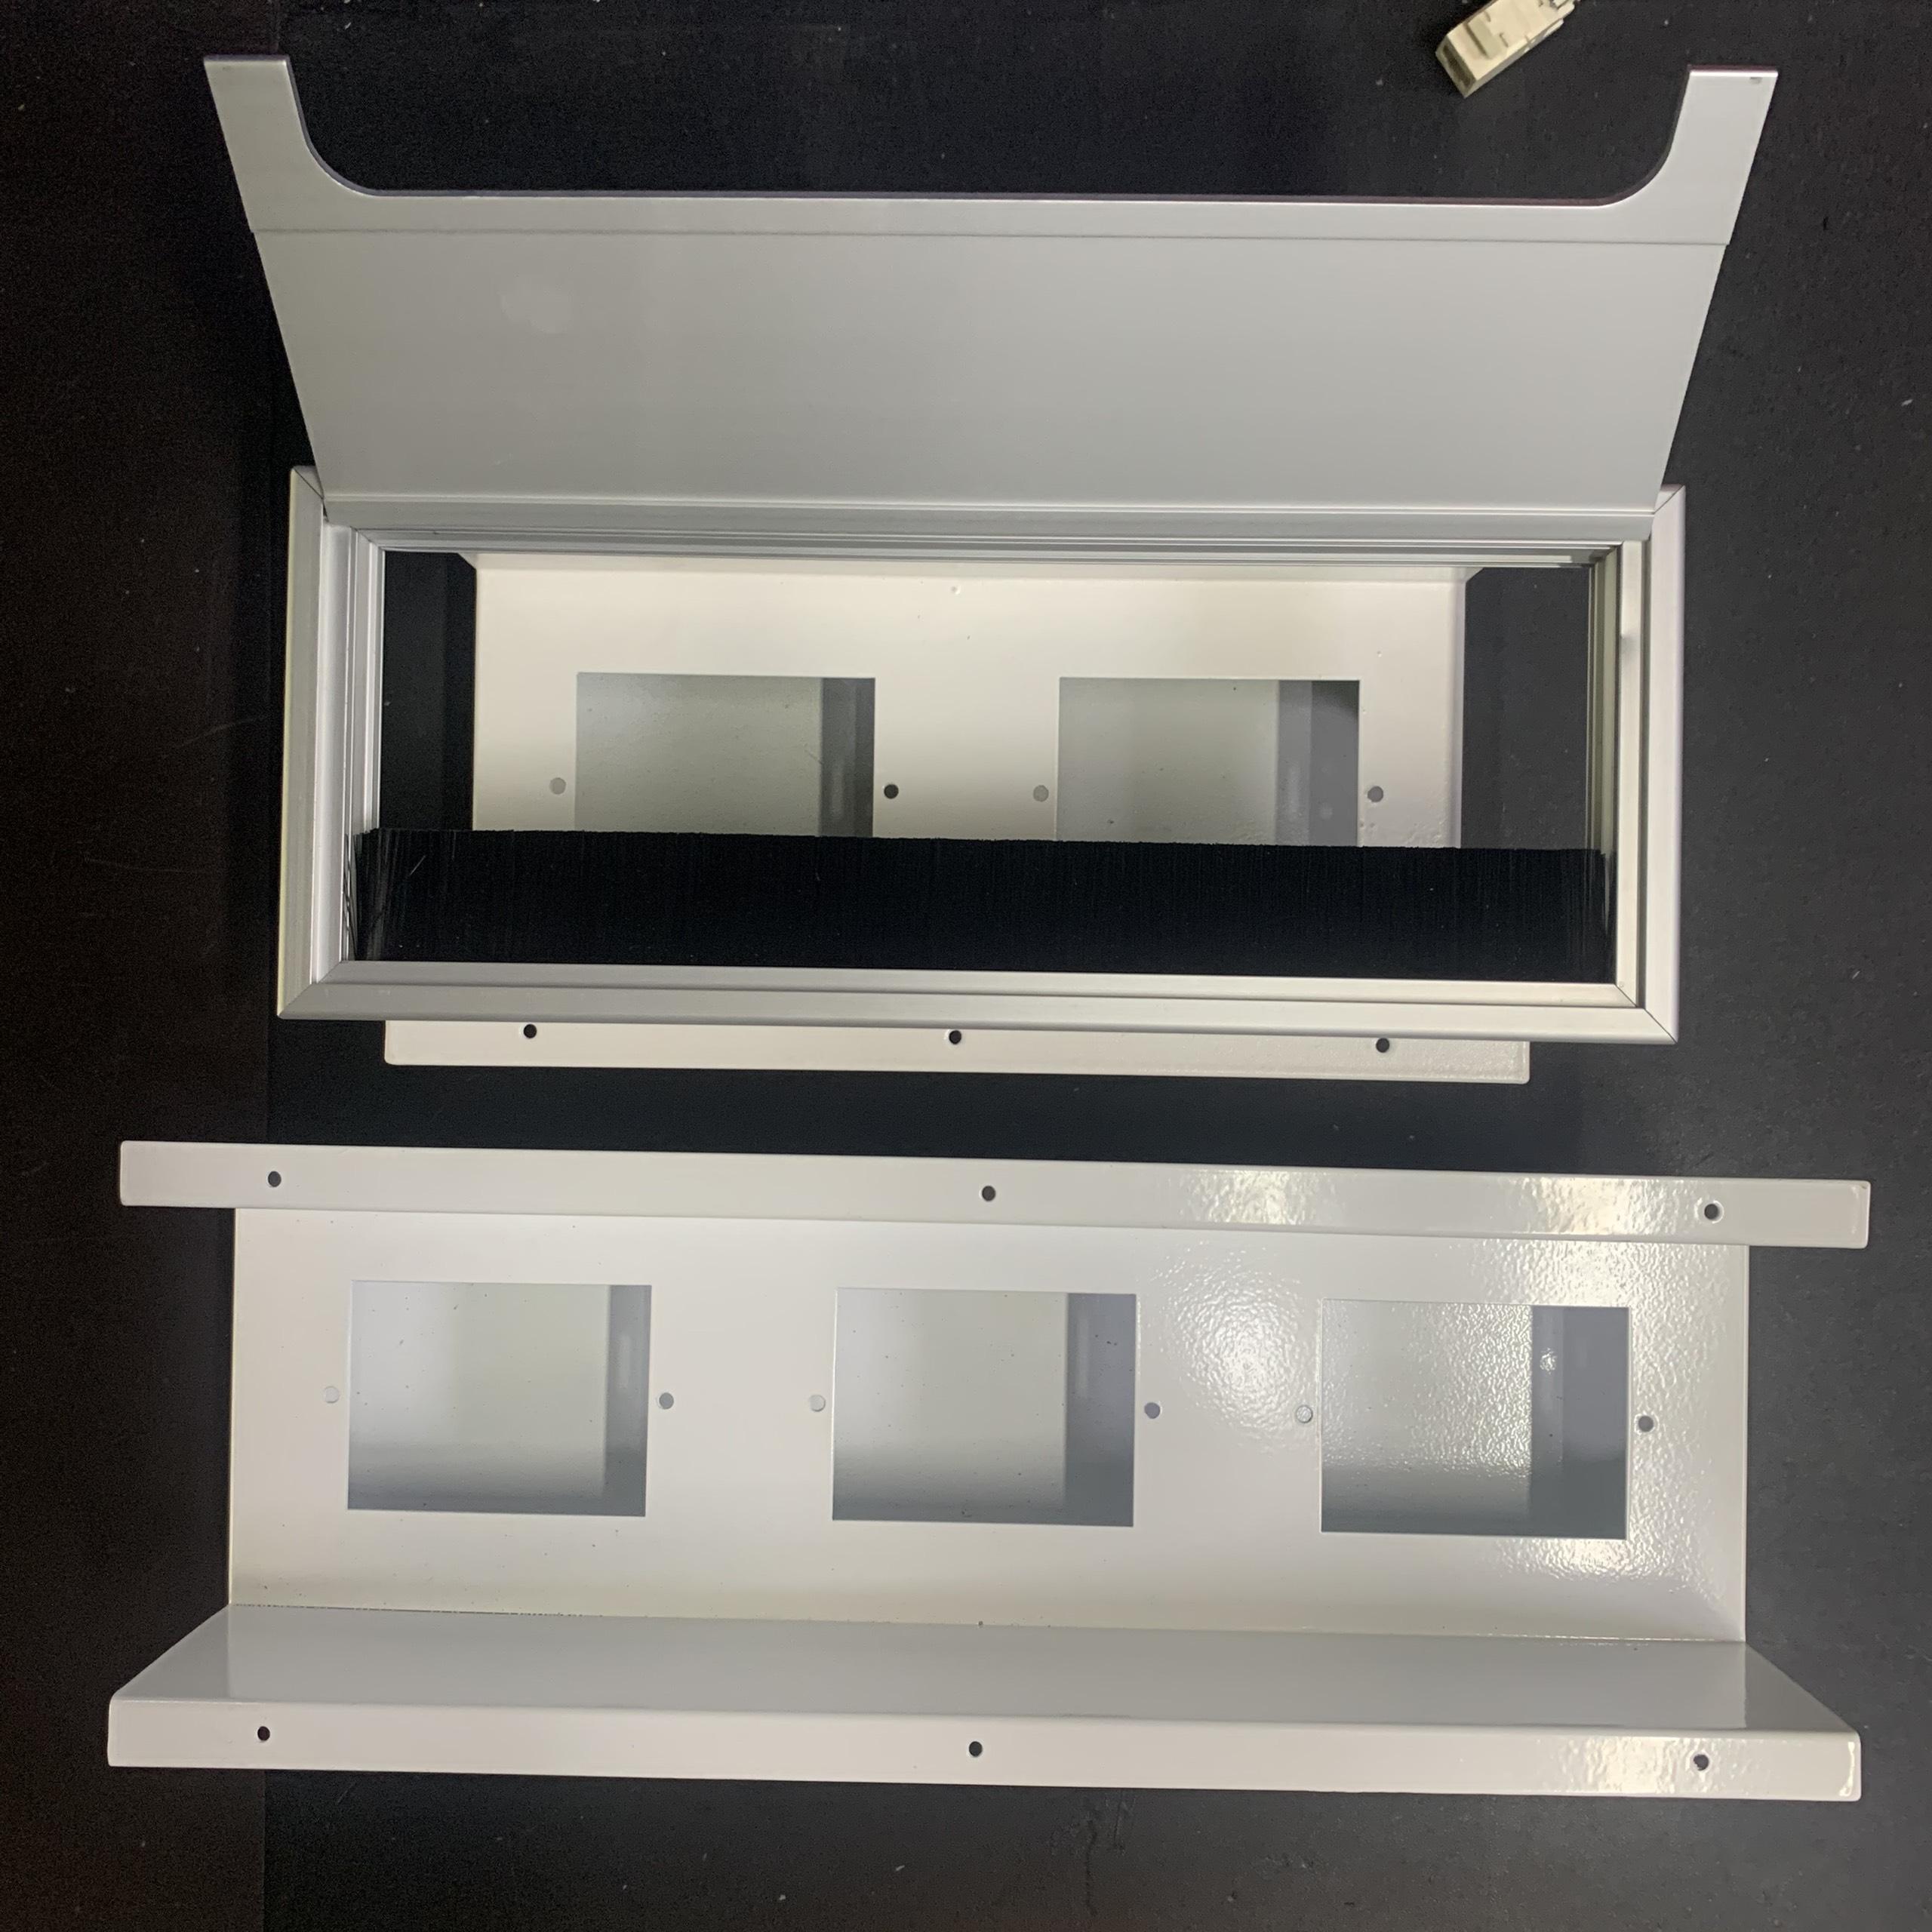 Nắp hộp điện nhôm âm bàn 120x300